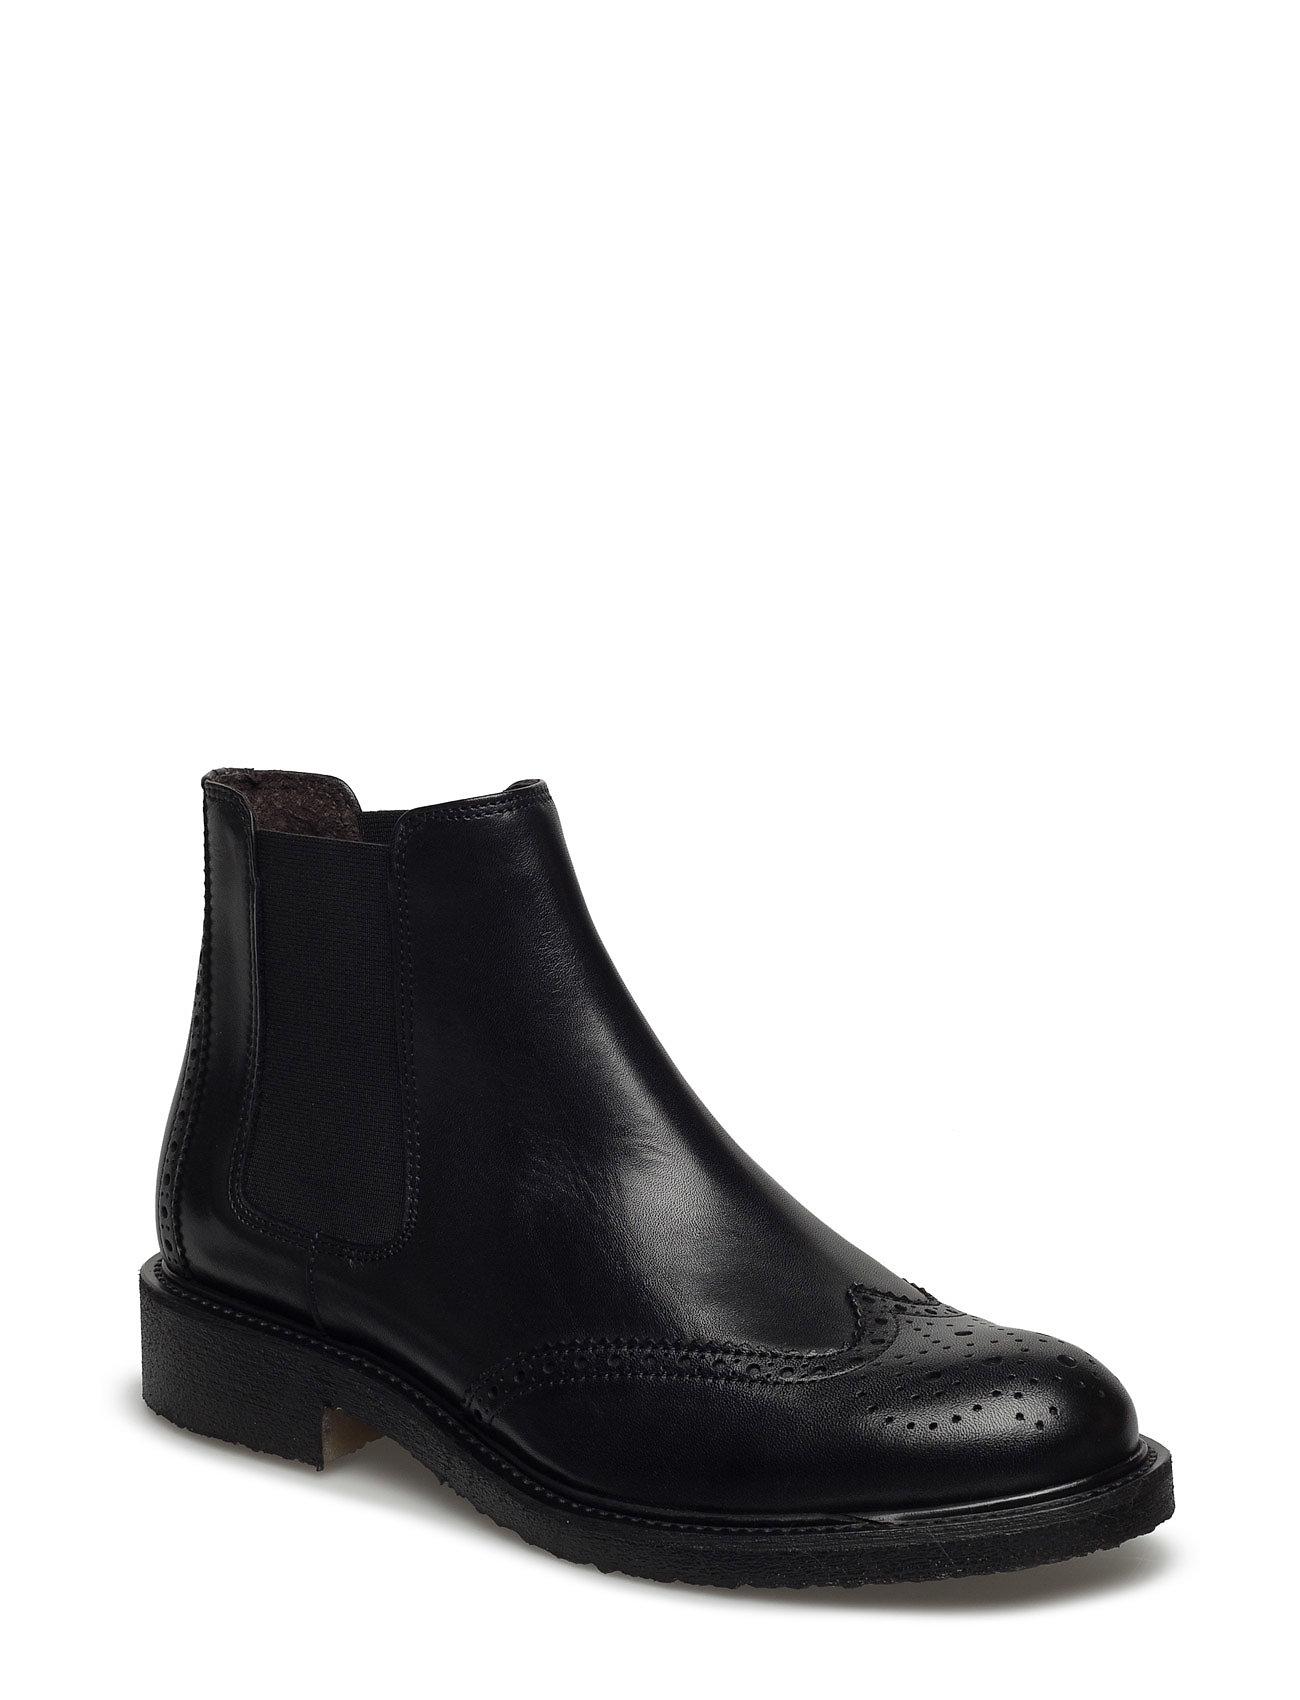 carla f Boots på boozt.com dk